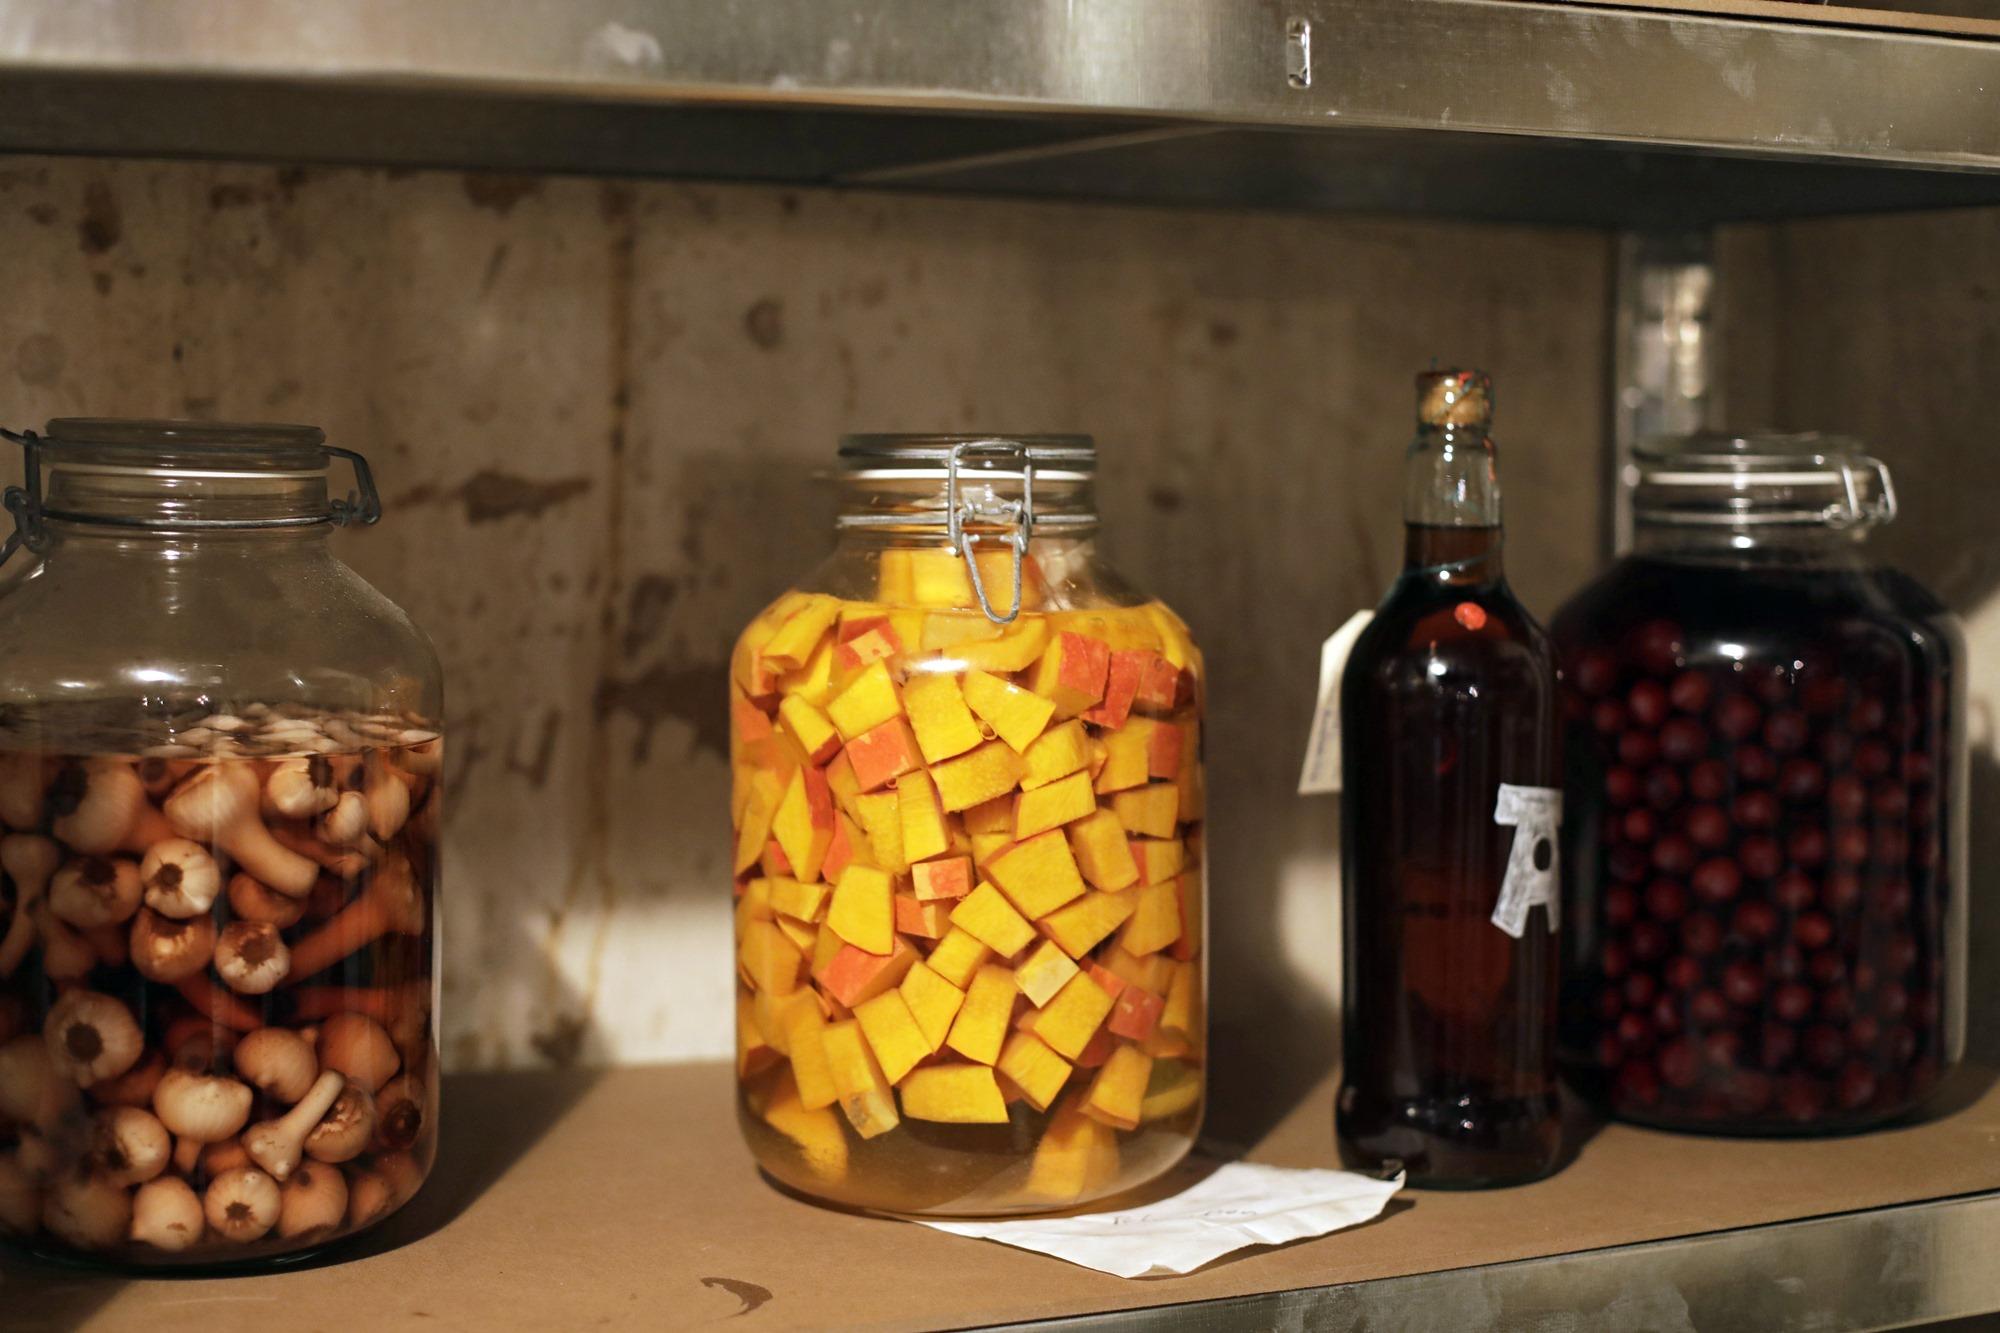 Las conservas, una constante en la cocina tradicional de montaña.